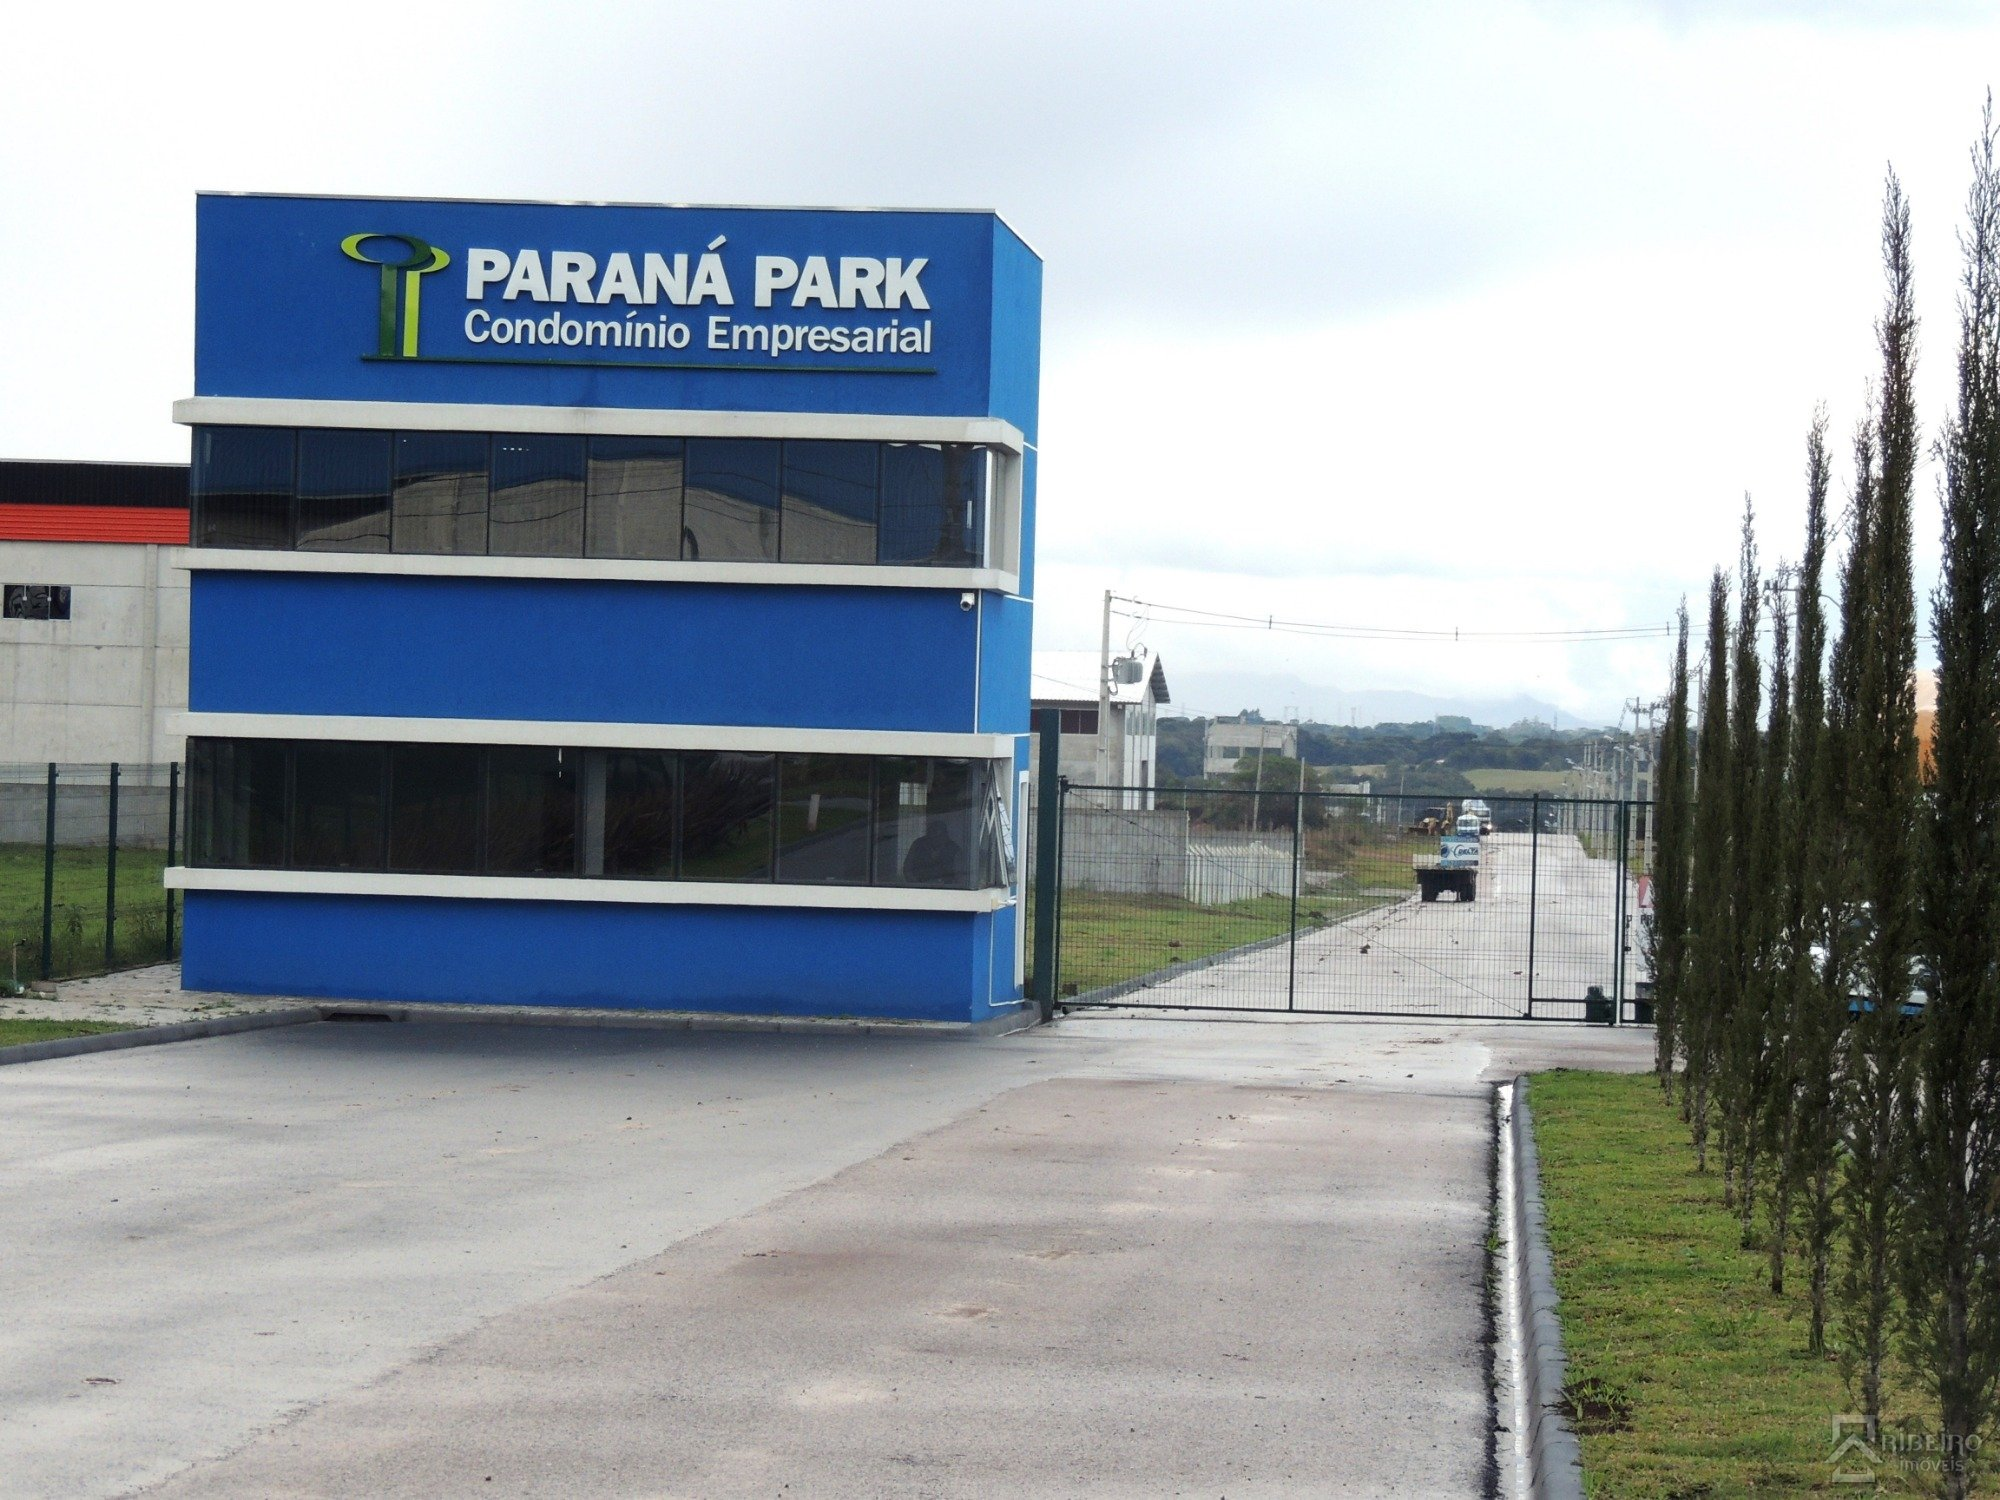 REF. 7445 -  Fazenda Rio Grande - Avenida  Francisco Ferreira Da Cruz, 4035 - 31